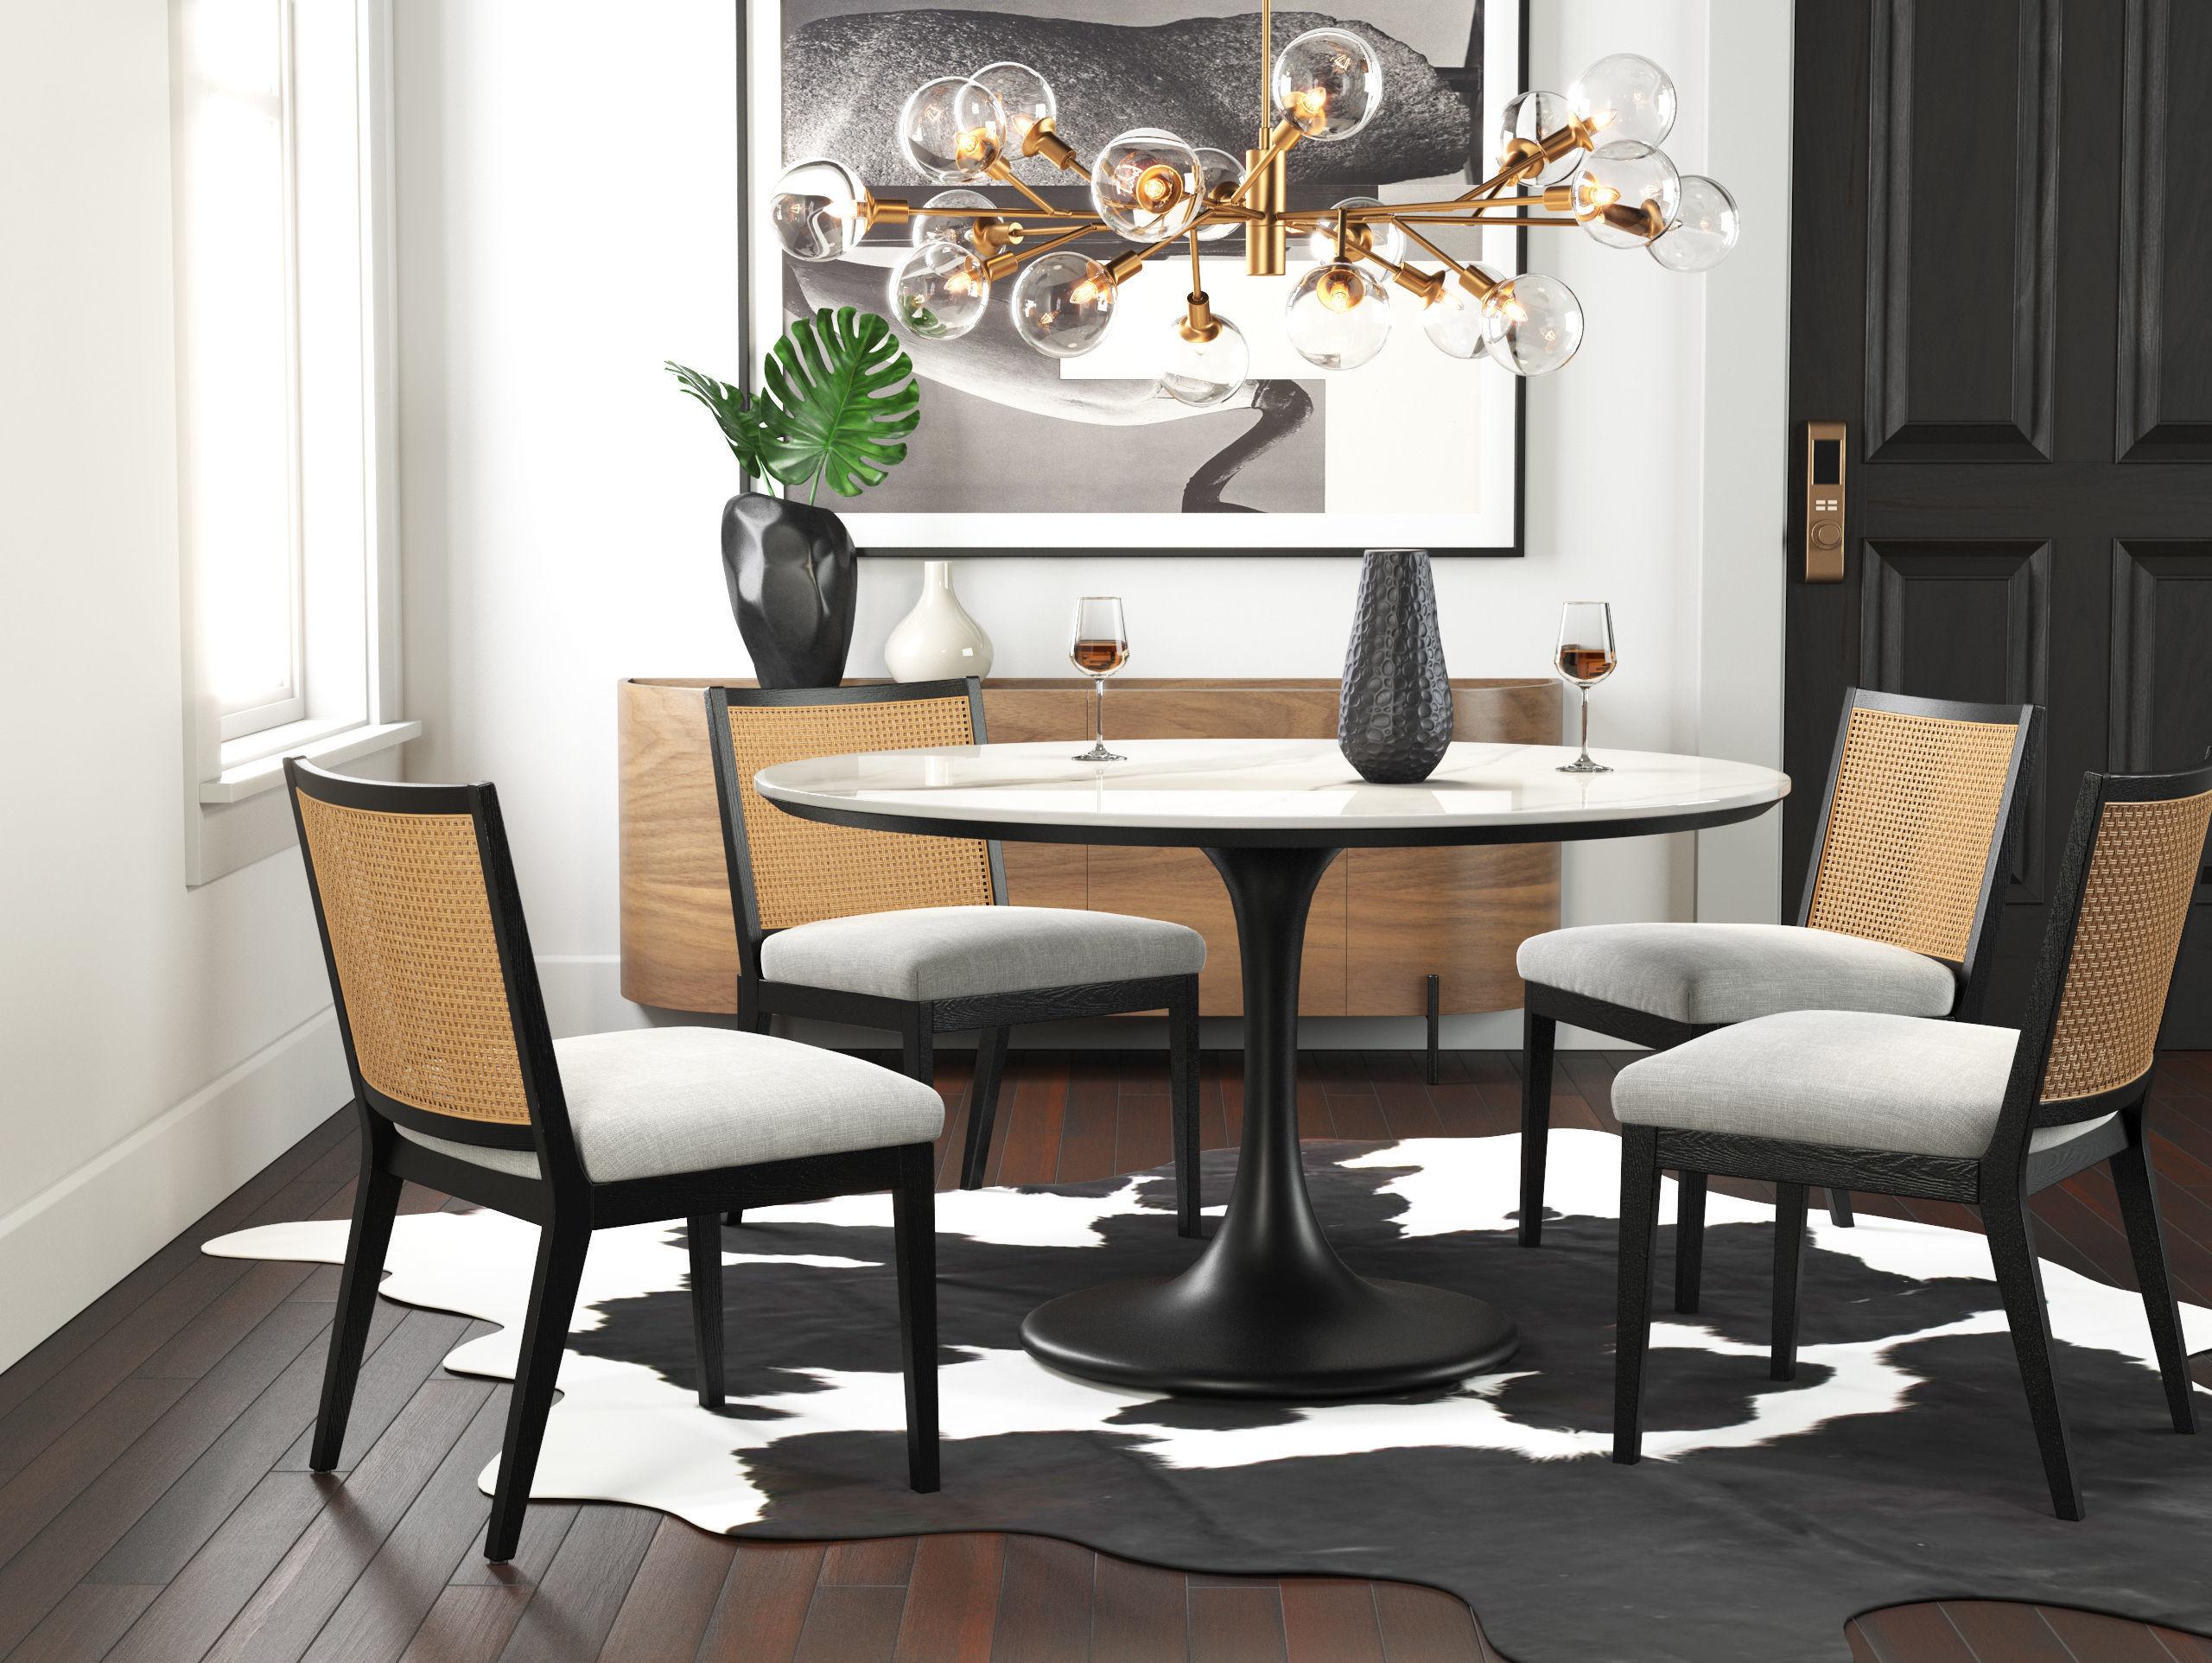 Dining room interior 305